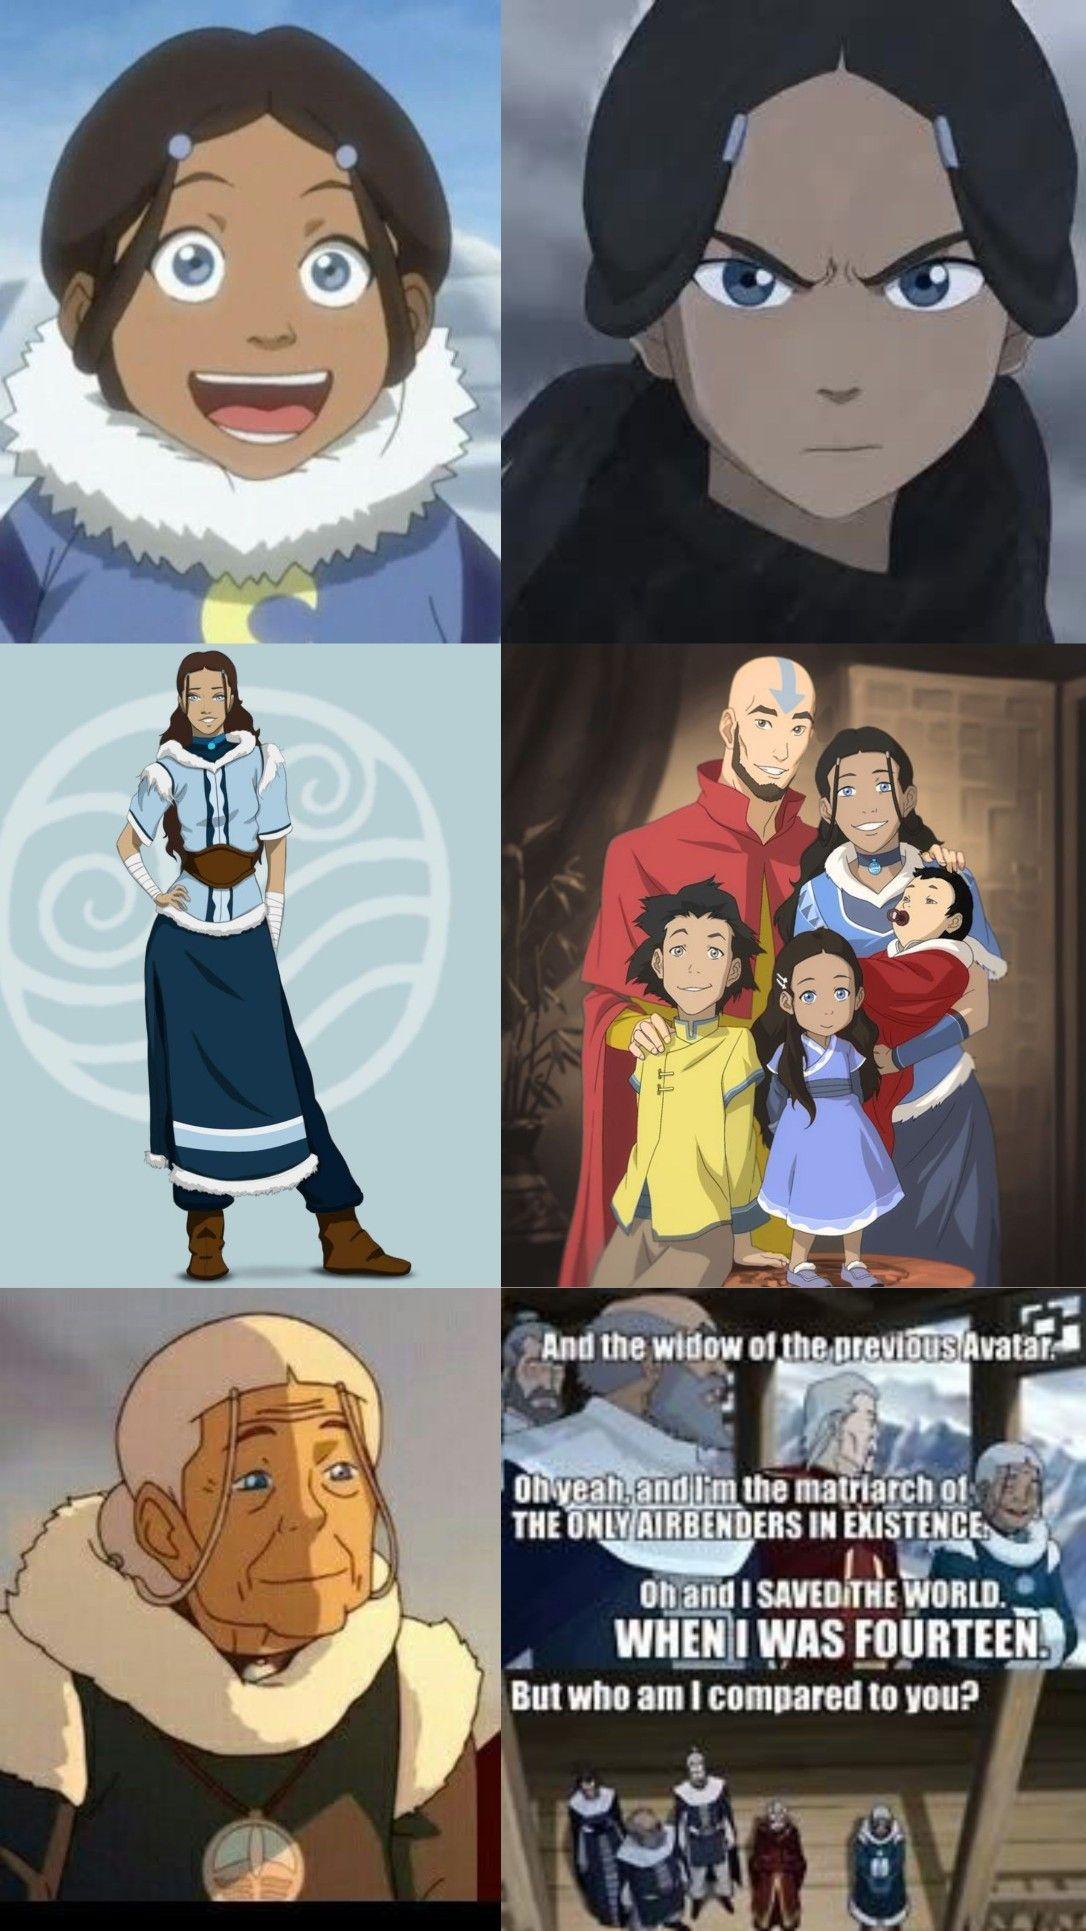 Katara. Love her so much. Avatar - The Last Airbender #avatarthelastairbender